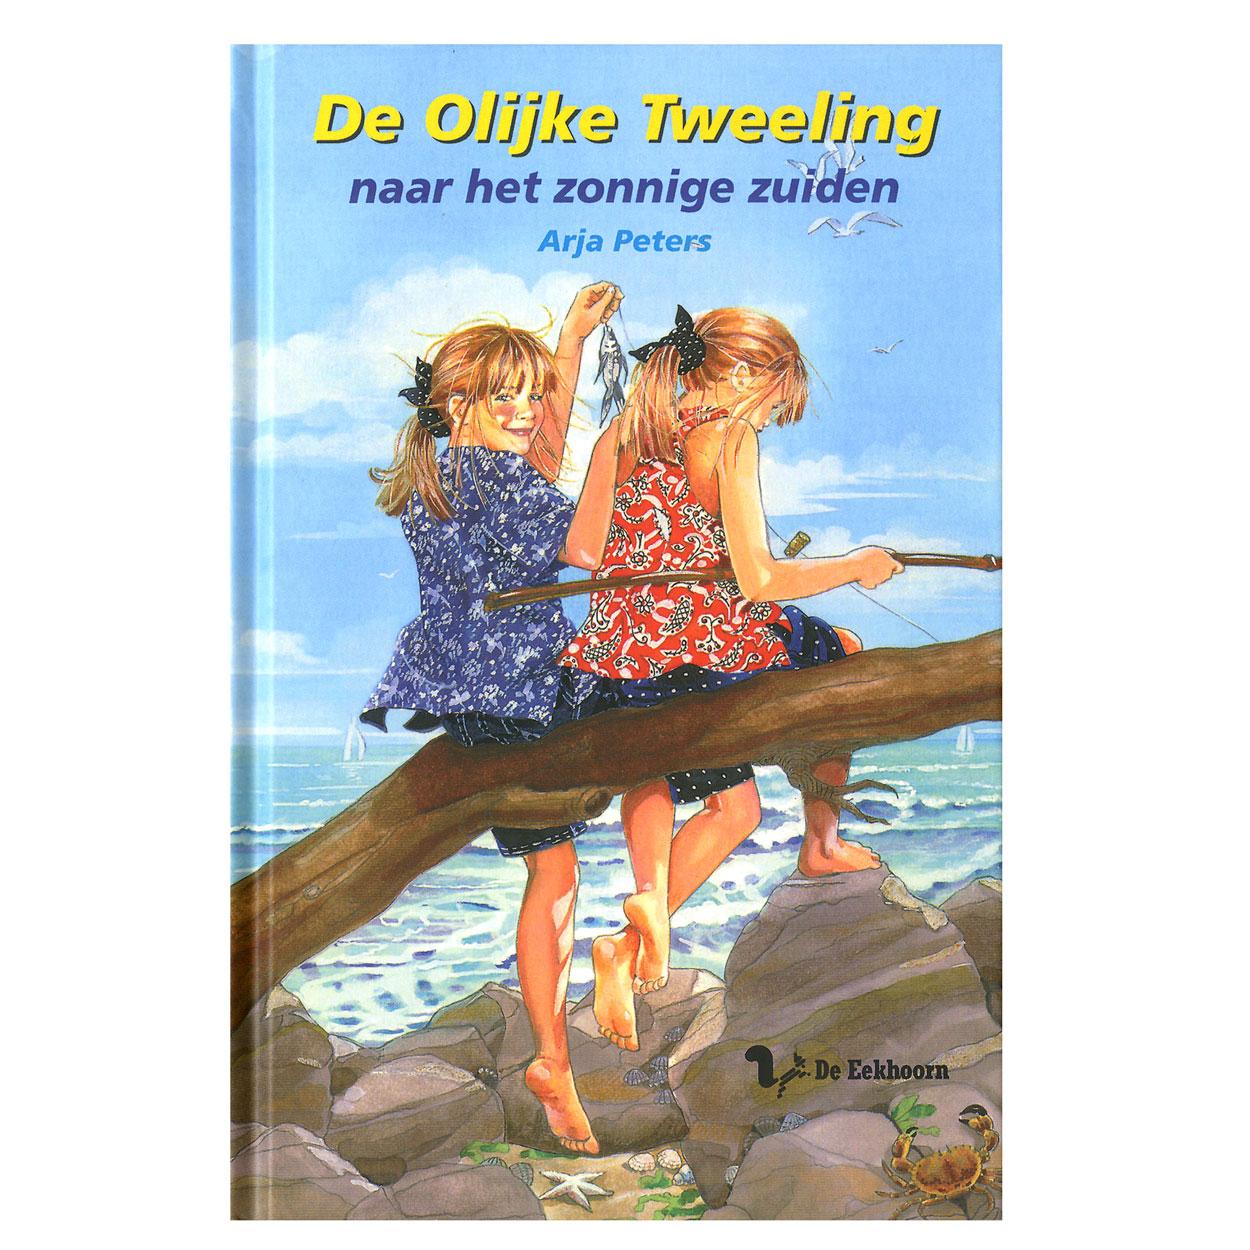 Citaten Boek De Tweeling : De olijke tweeling naar het zonnige zuiden online kopen